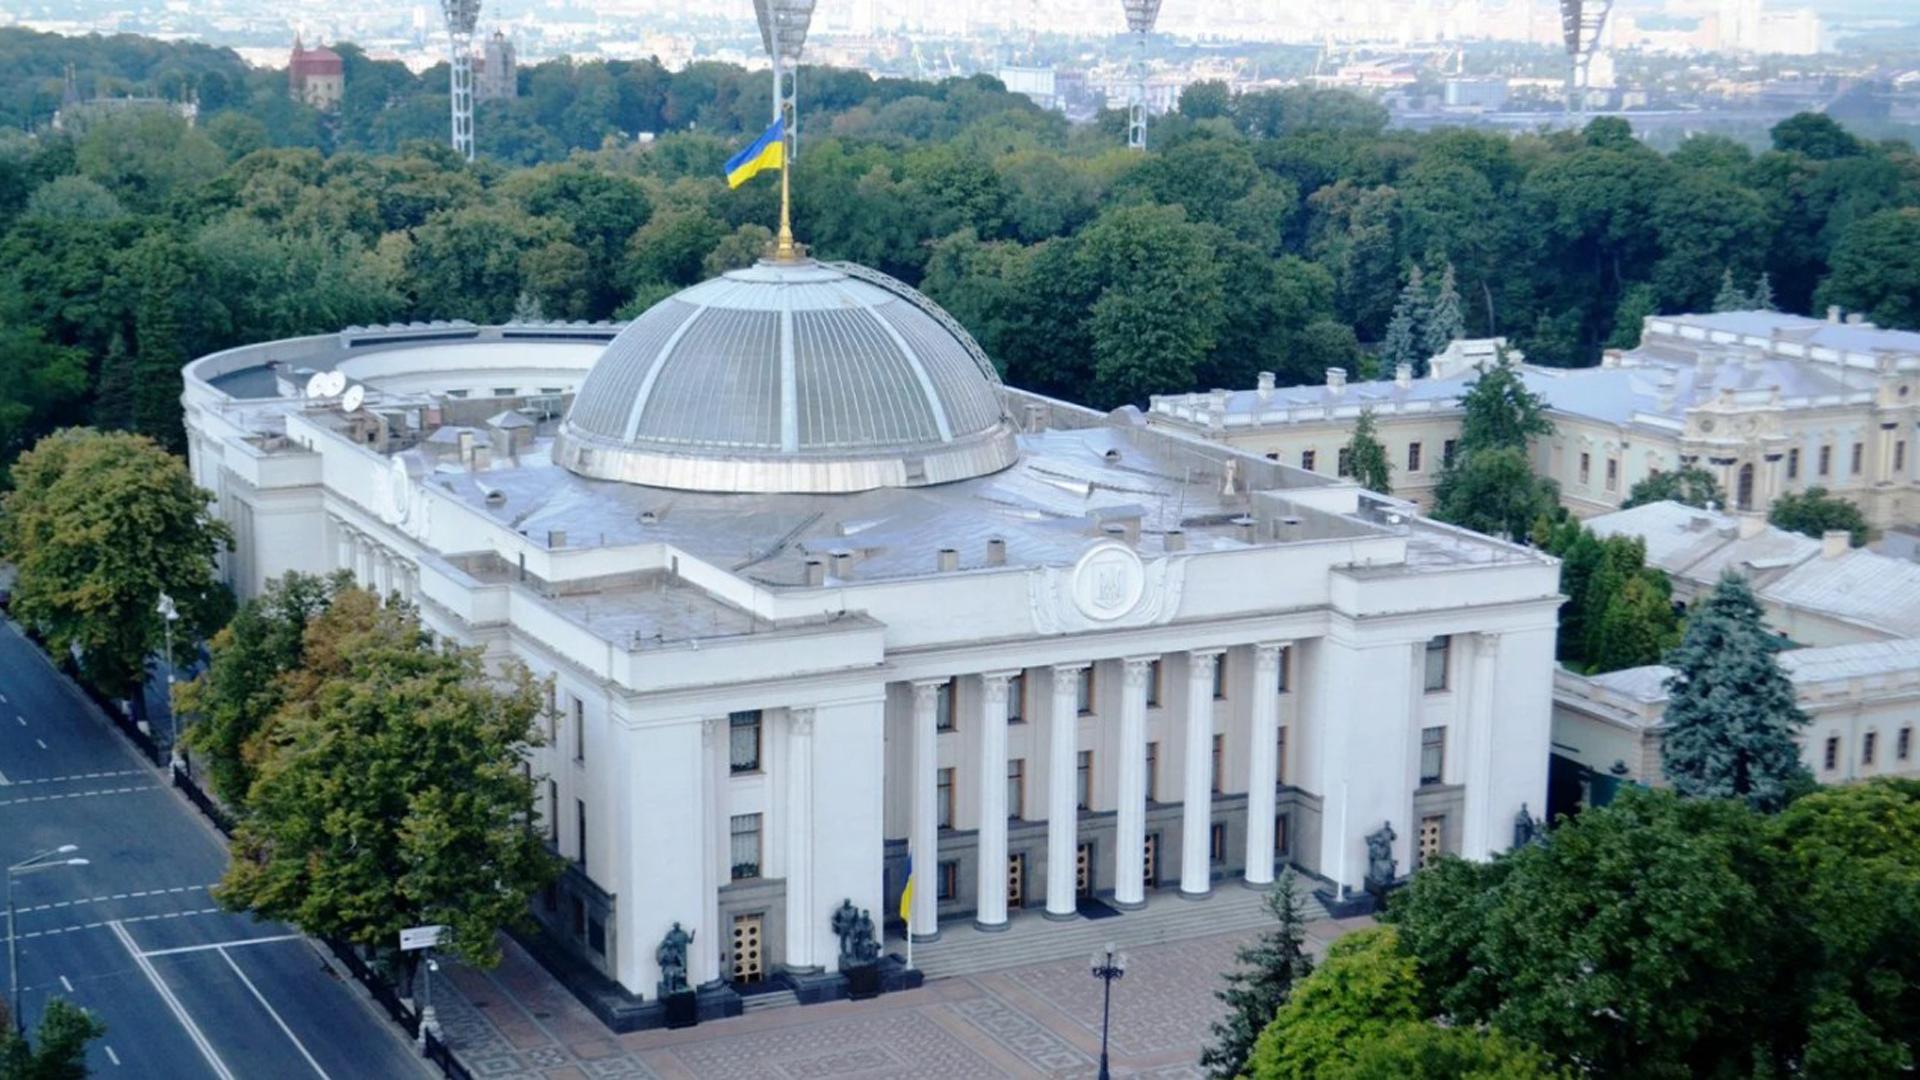 Участь викладачів кафедри екології ХНУ  у парламентських слуханнях Верховної Ради України